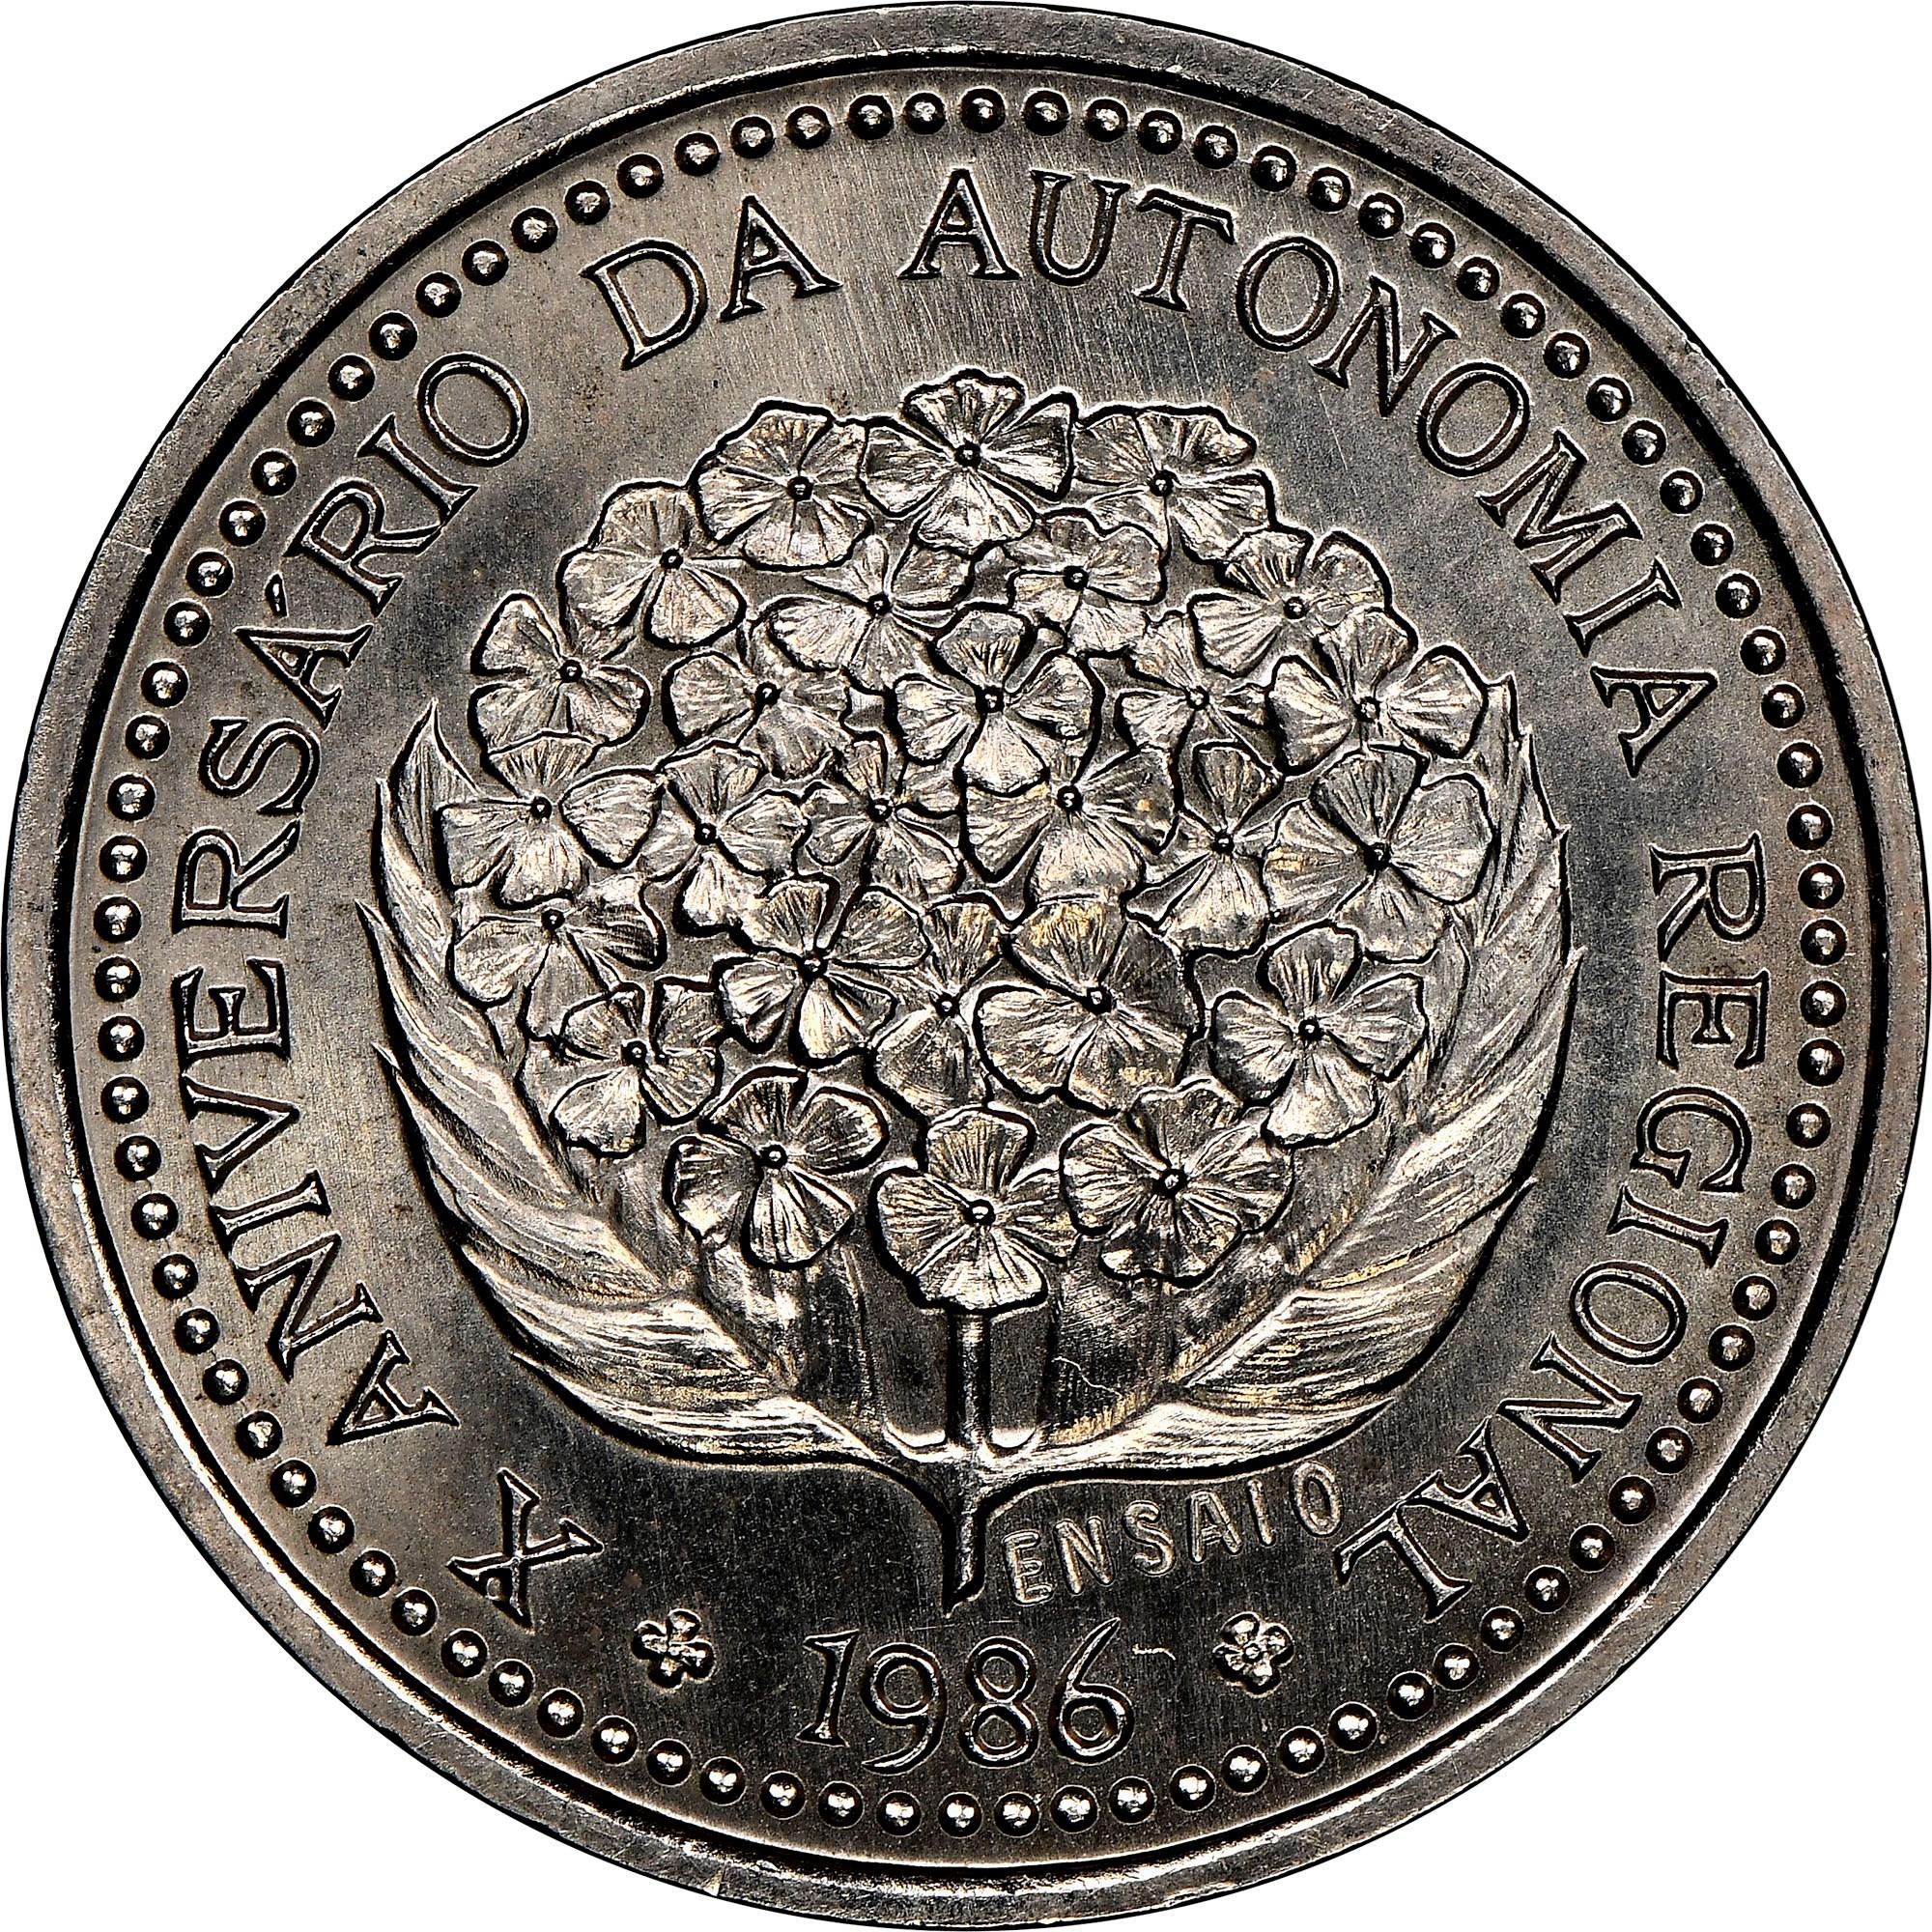 Azores 100 Escudos reverse